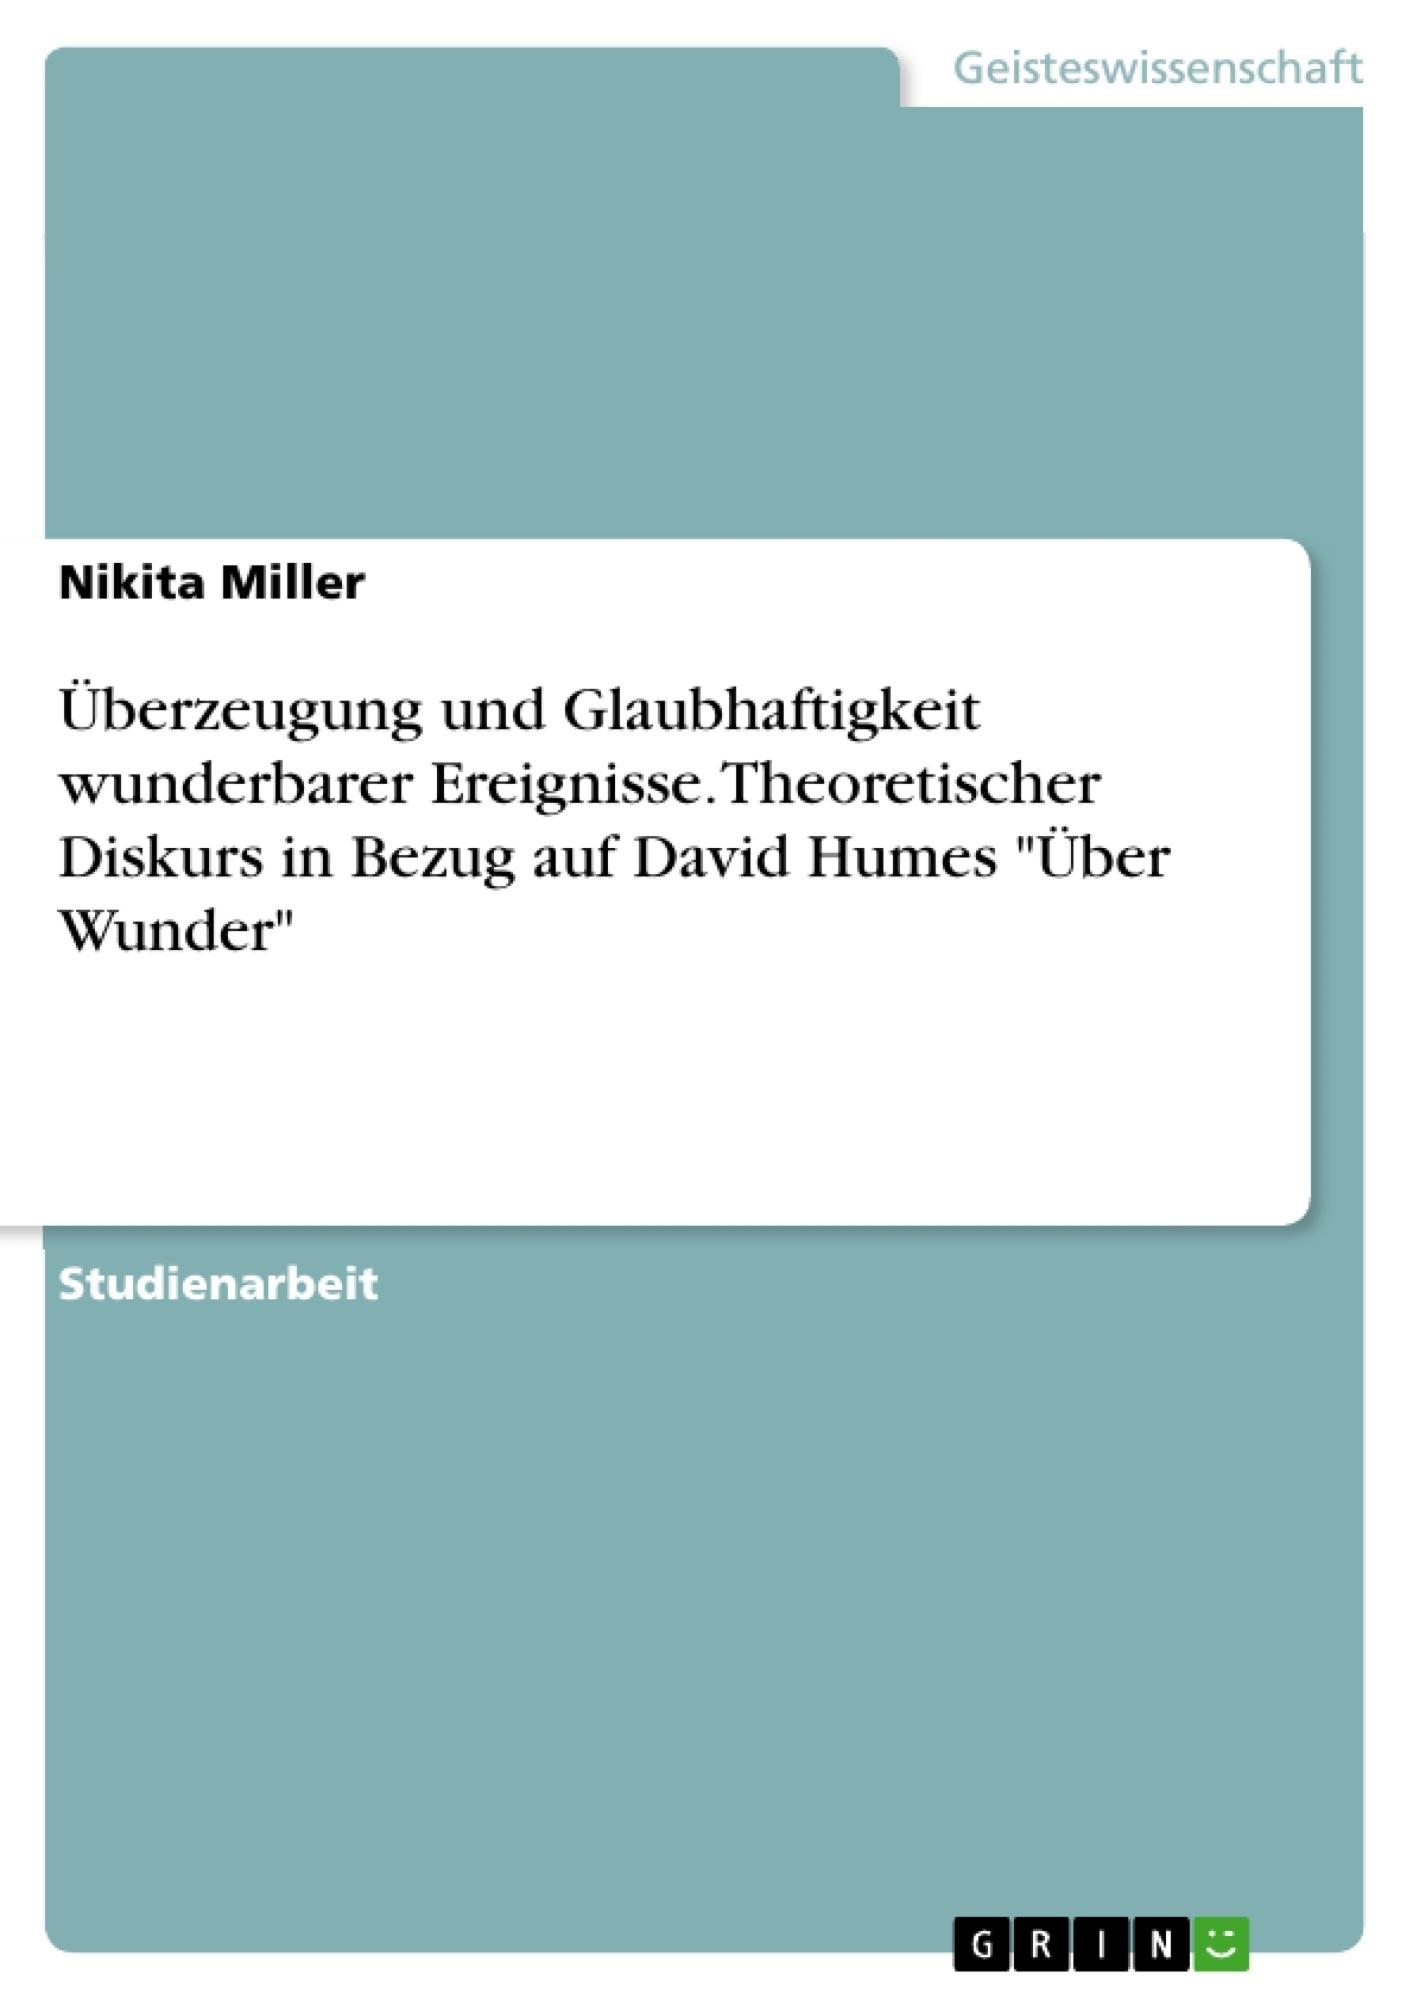 """Titel: Überzeugung und Glaubhaftigkeit wunderbarer Ereignisse. Theoretischer Diskurs in Bezug auf David Humes """"Über Wunder"""""""